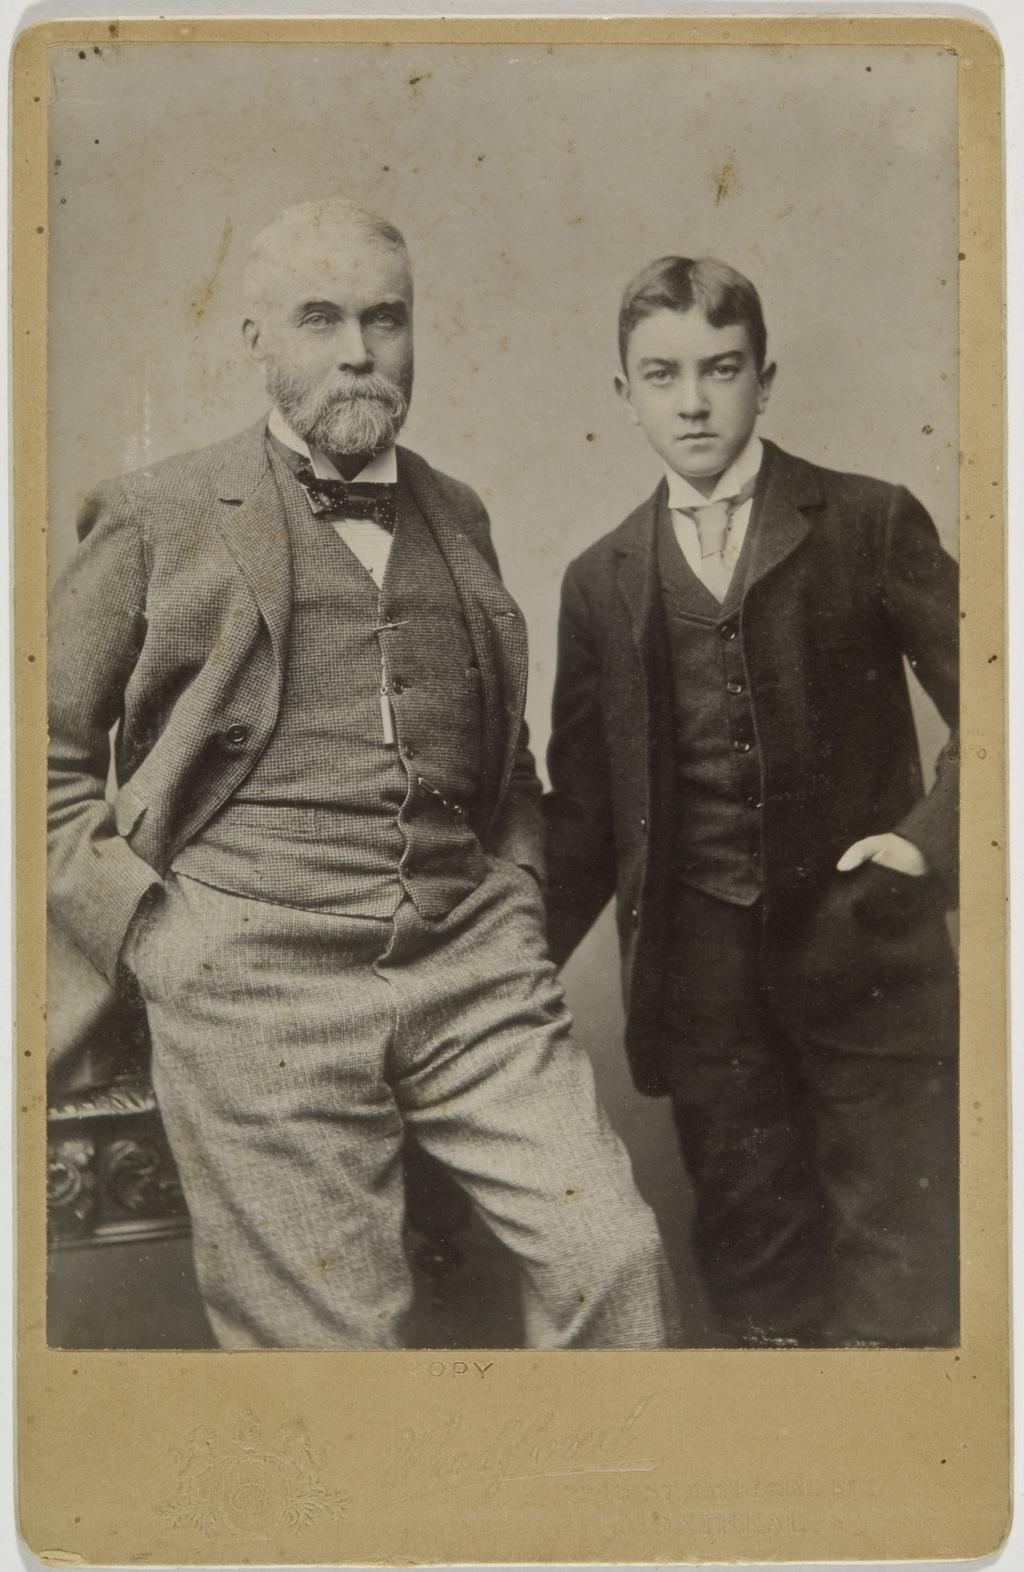 J. Hogan et son fils Jack, de l'album de la famille Taché-Cimon